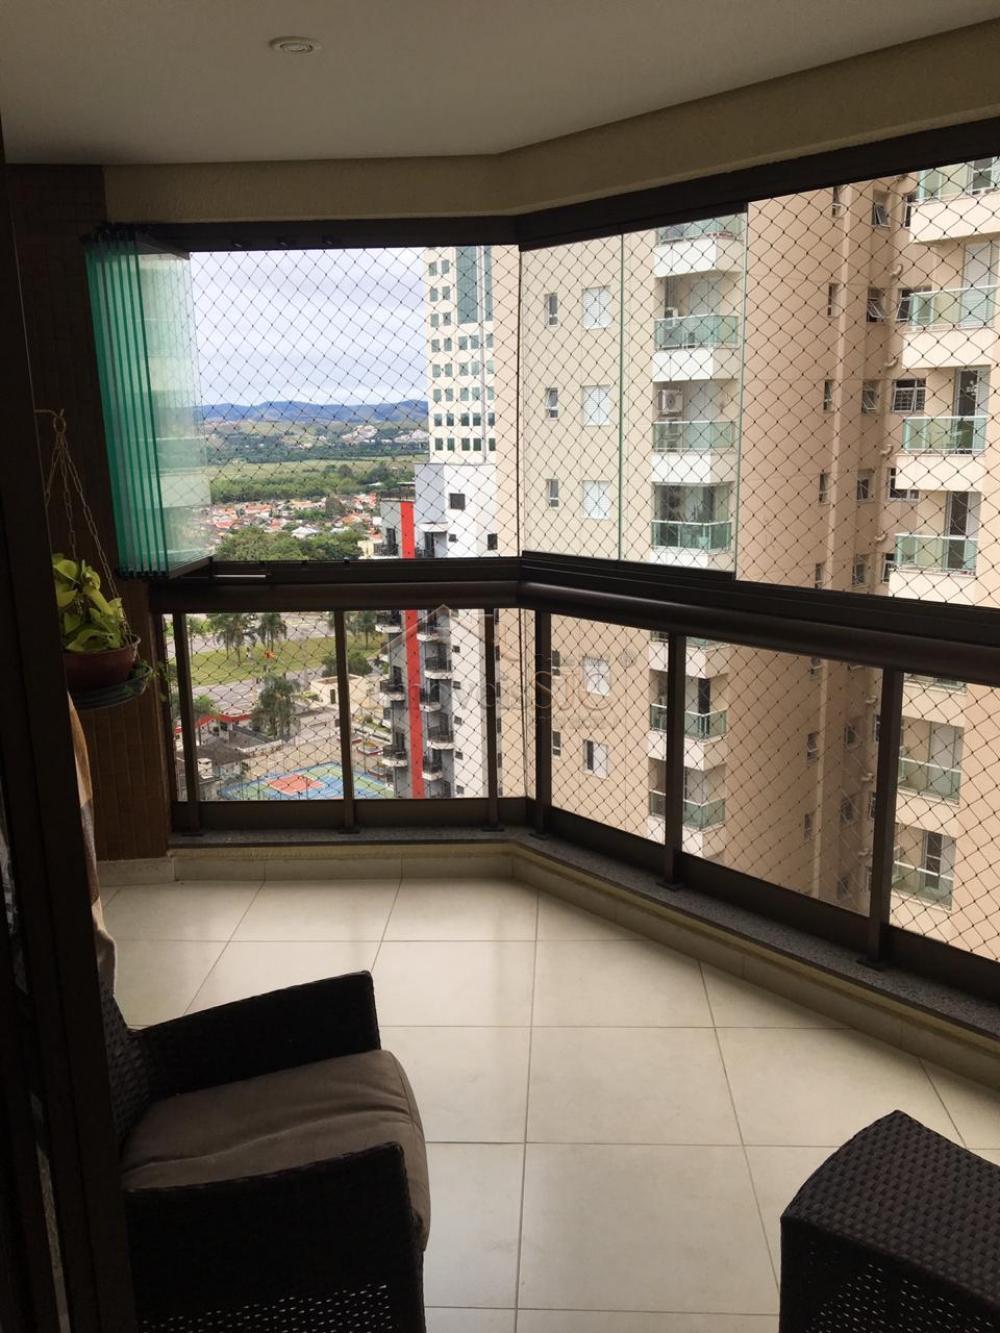 Comprar Apartamentos / Padrão em São José dos Campos apenas R$ 870.000,00 - Foto 9